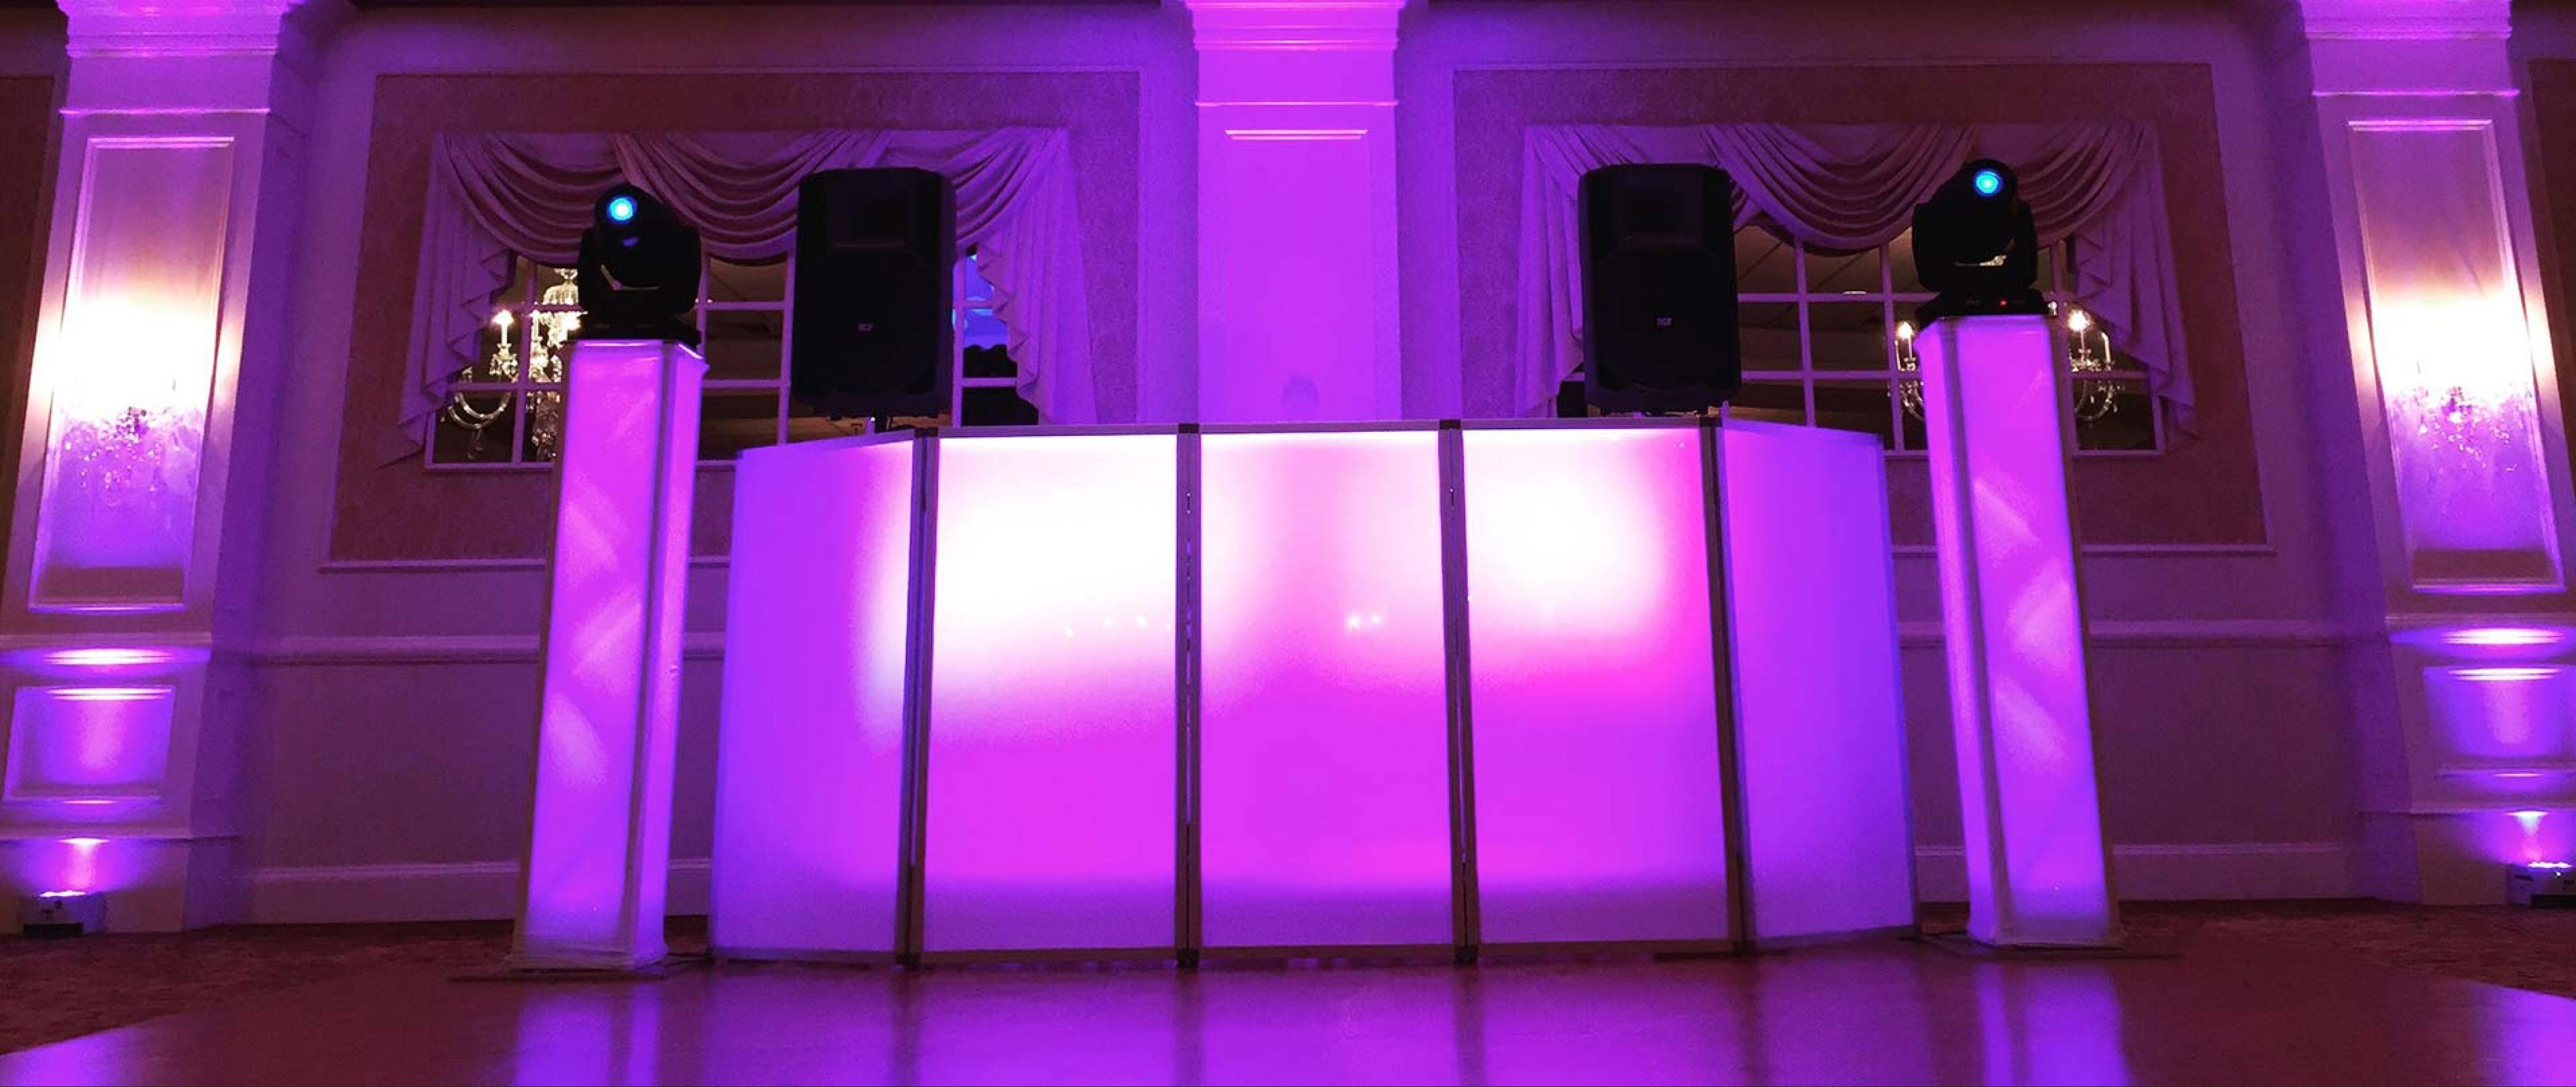 Освещение помещения по фэн-шую